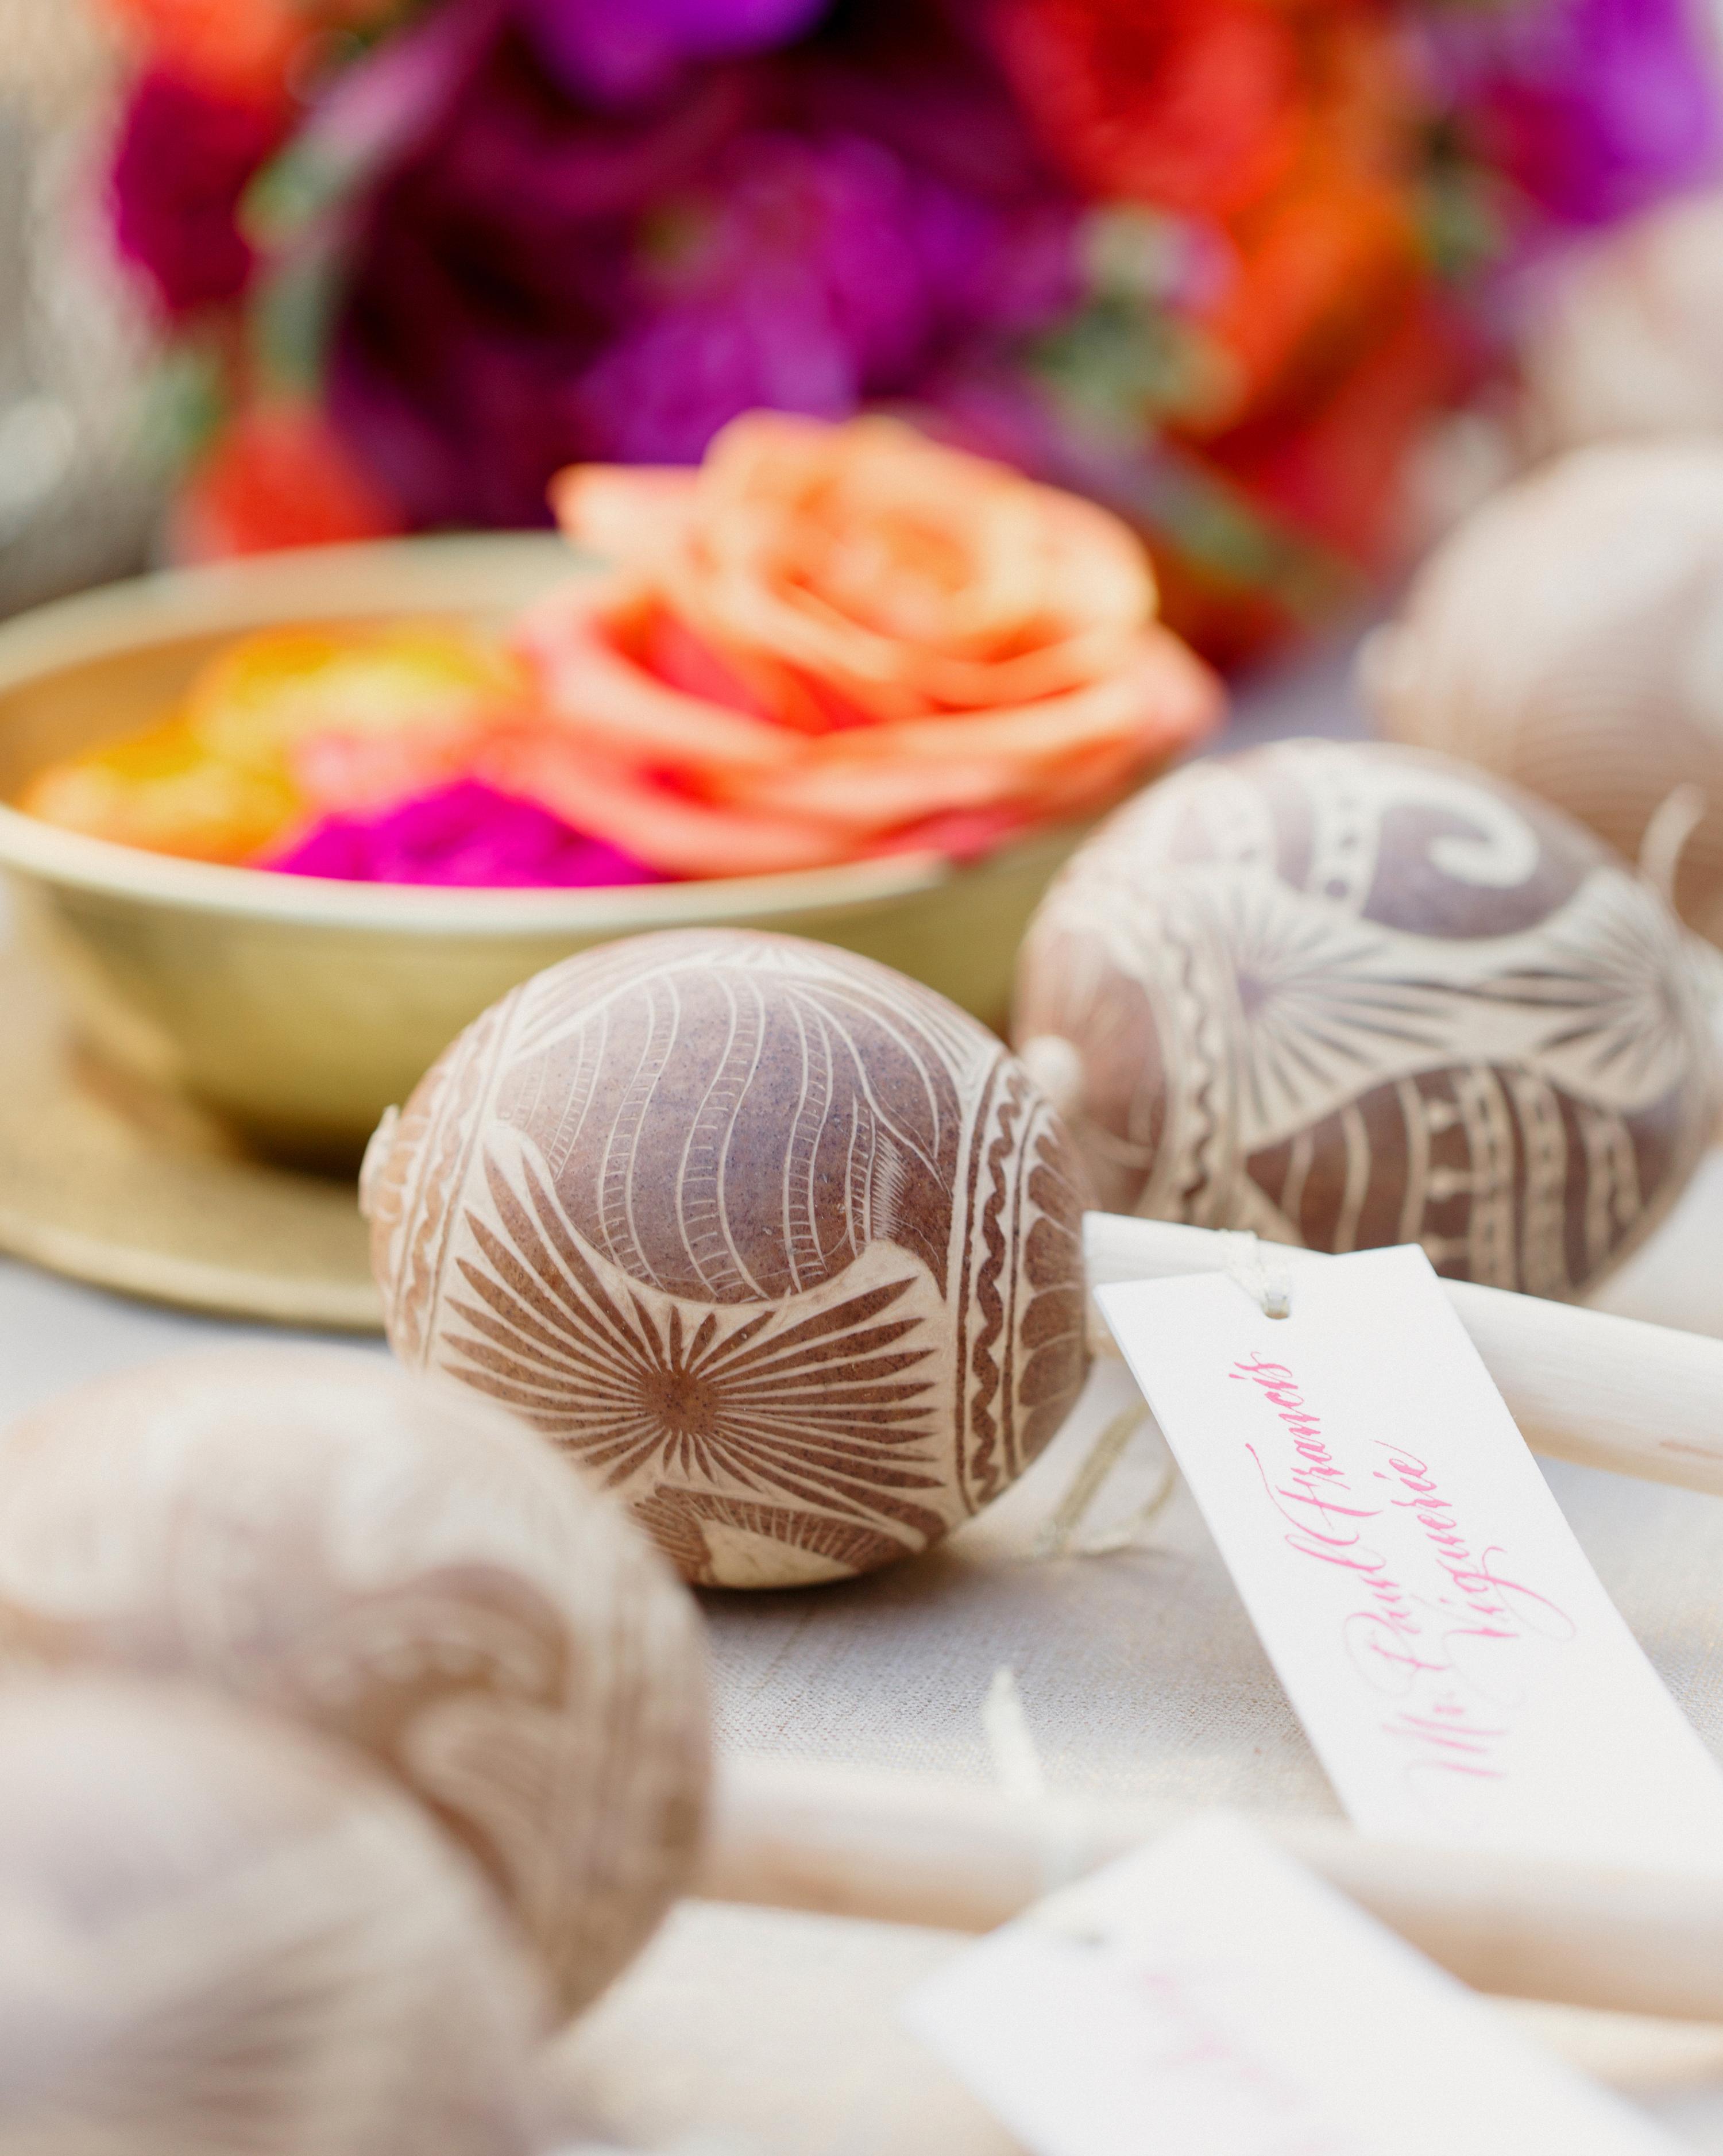 veronica-mathieu-wedding-maracas-1048-s111501-1014.jpg